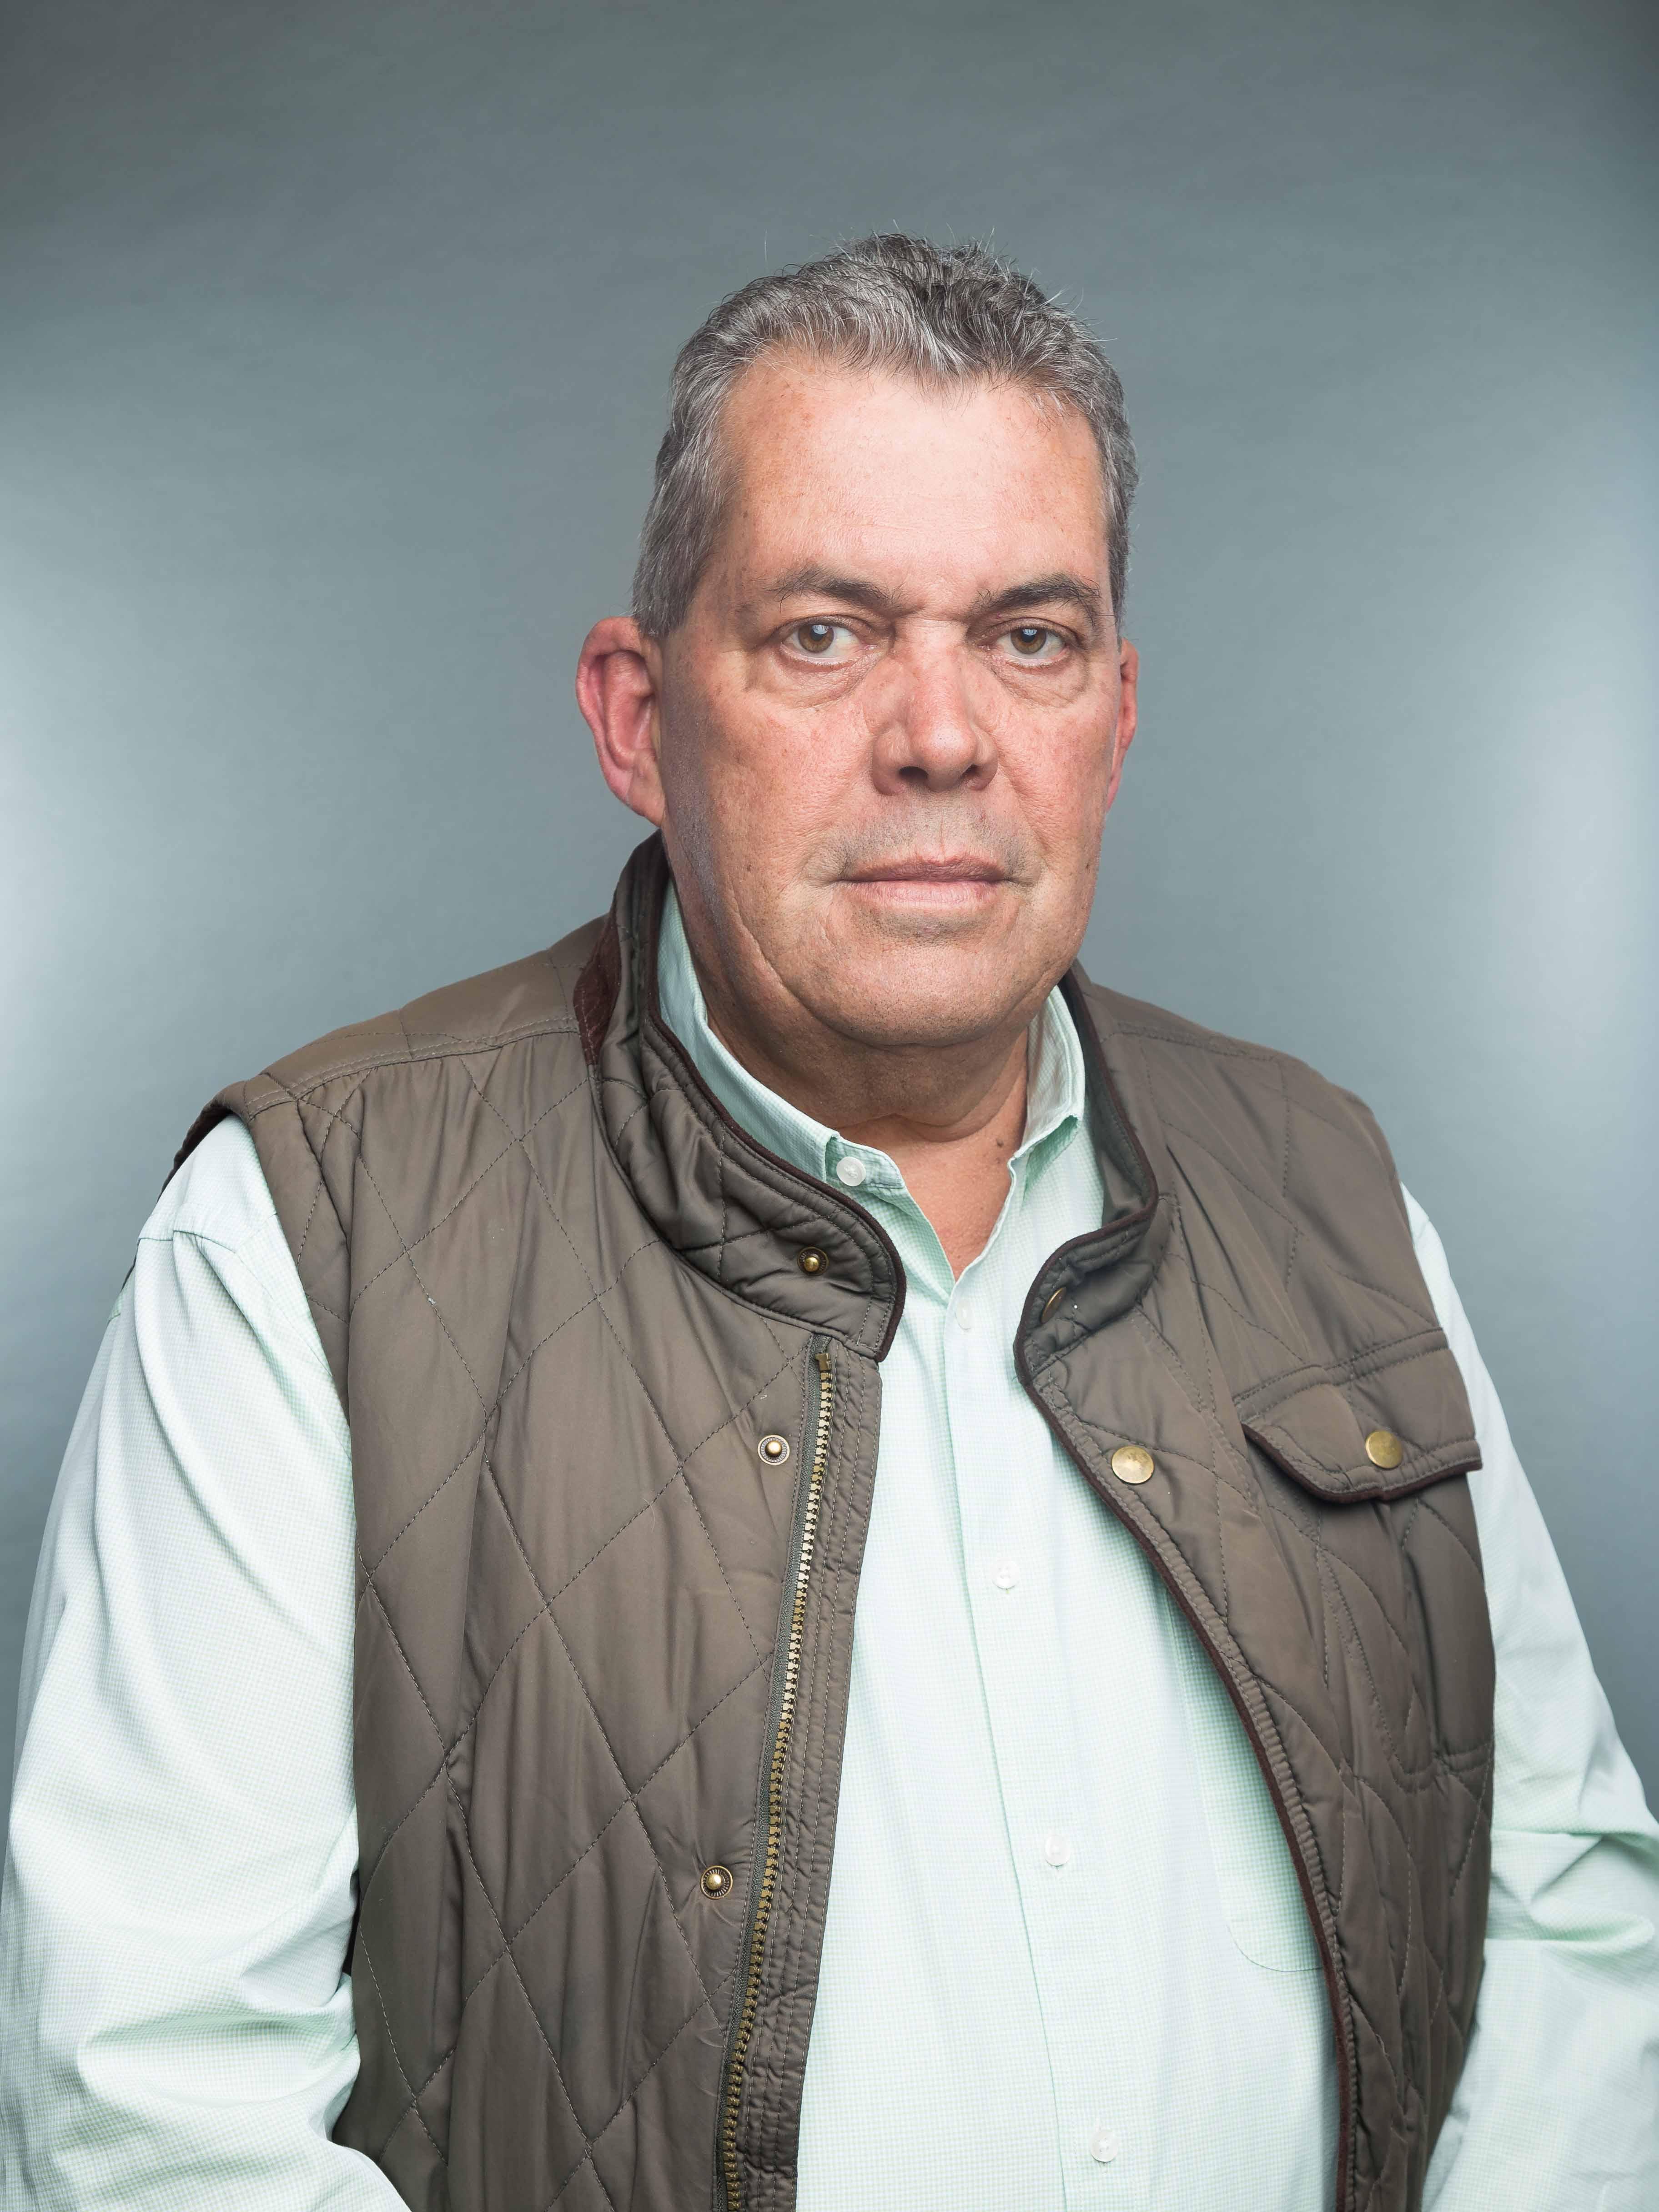 Gregorio Peñate